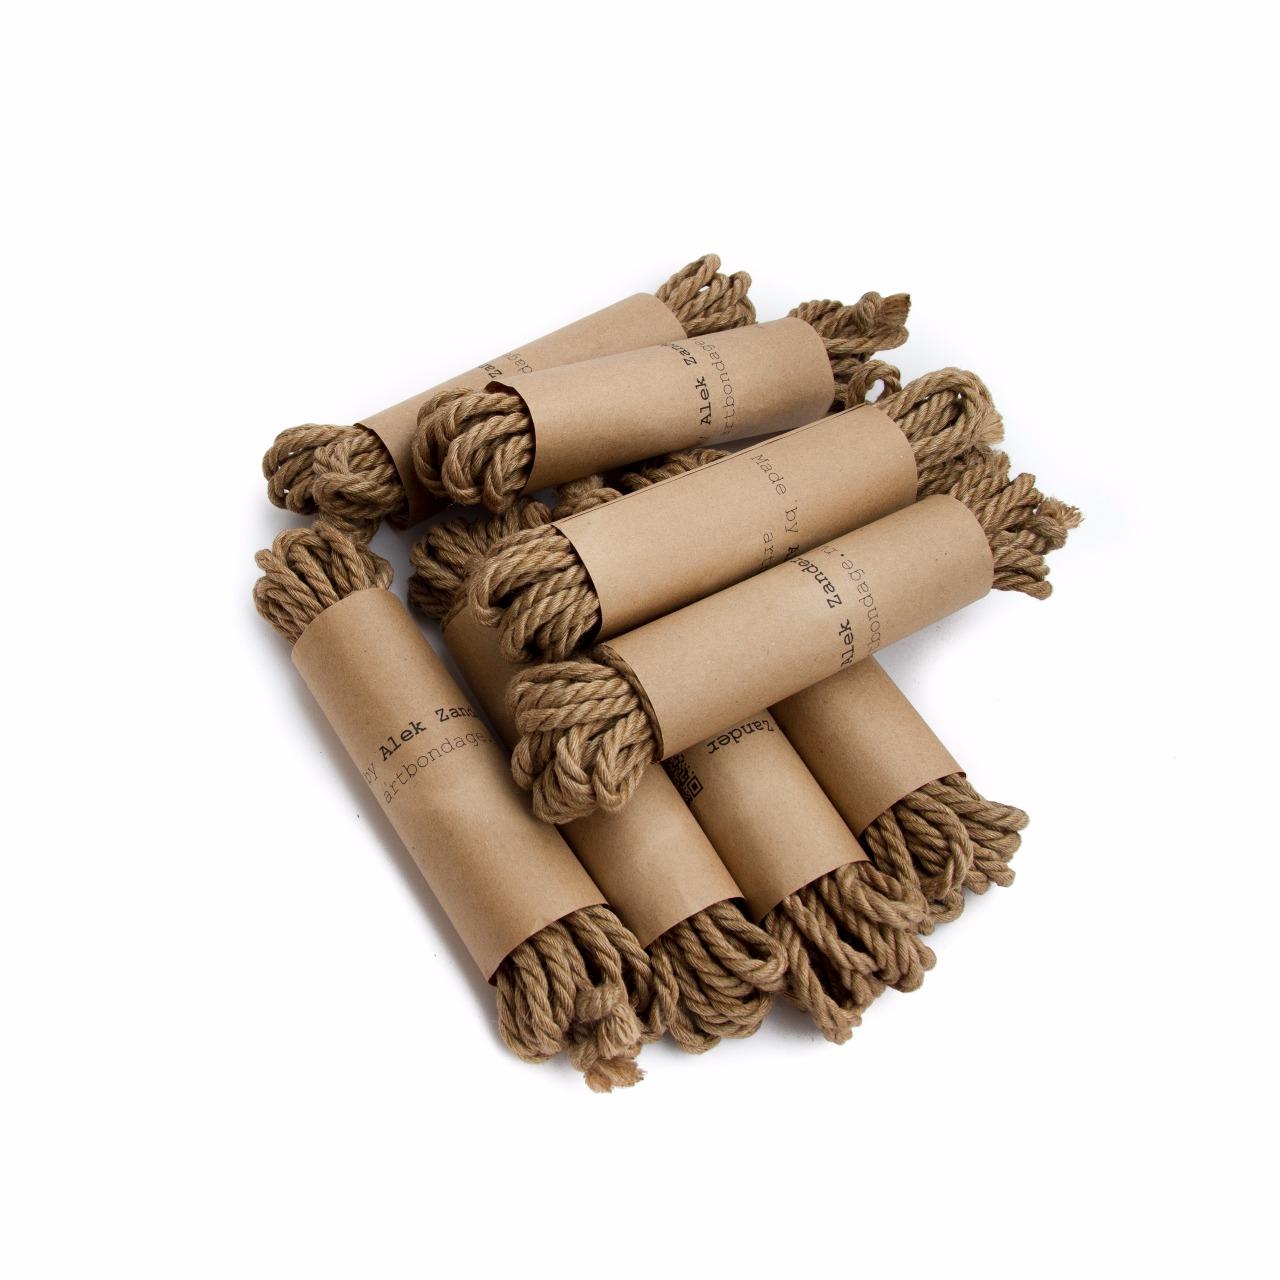 alekzander-shibari-japanese-rope-jute-06-covered-c